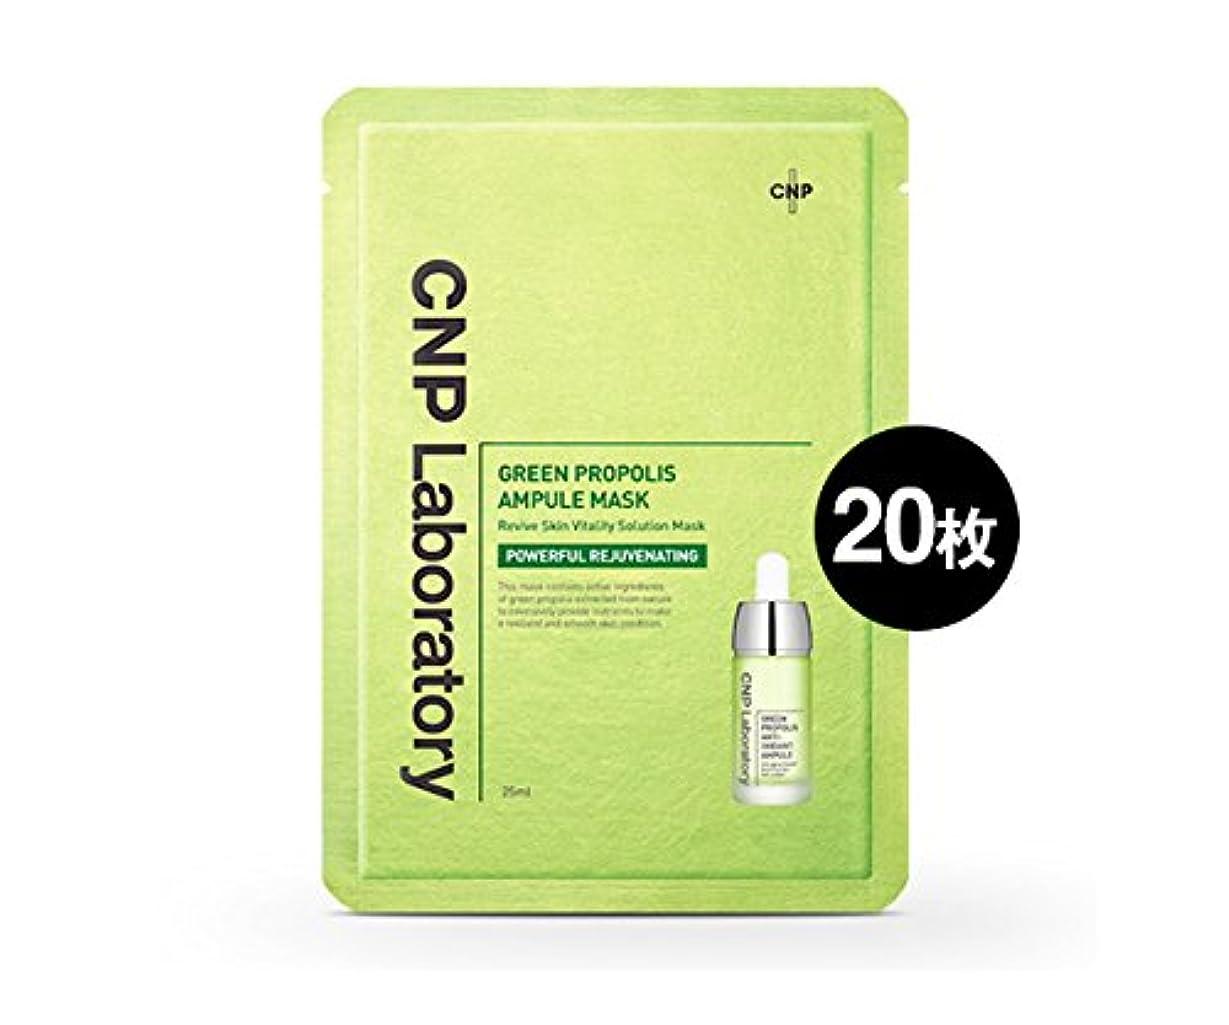 音声聖書合金(チャアンドパク) CNP GREEN PROPOLIS AMPLUE MASK グリーンプロポリスアンプルマスク 25ml x 20枚セット (並行輸入品)